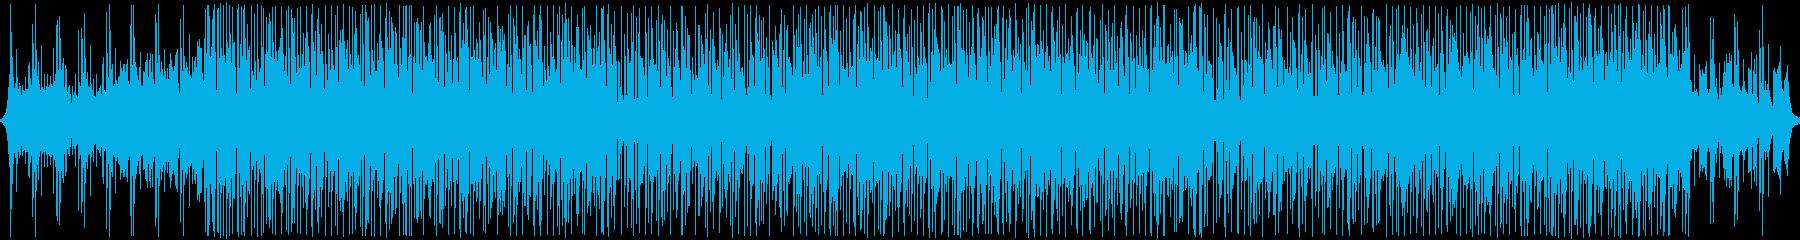 ラウンジ、ヴィンテージ。 80年代の歌。の再生済みの波形